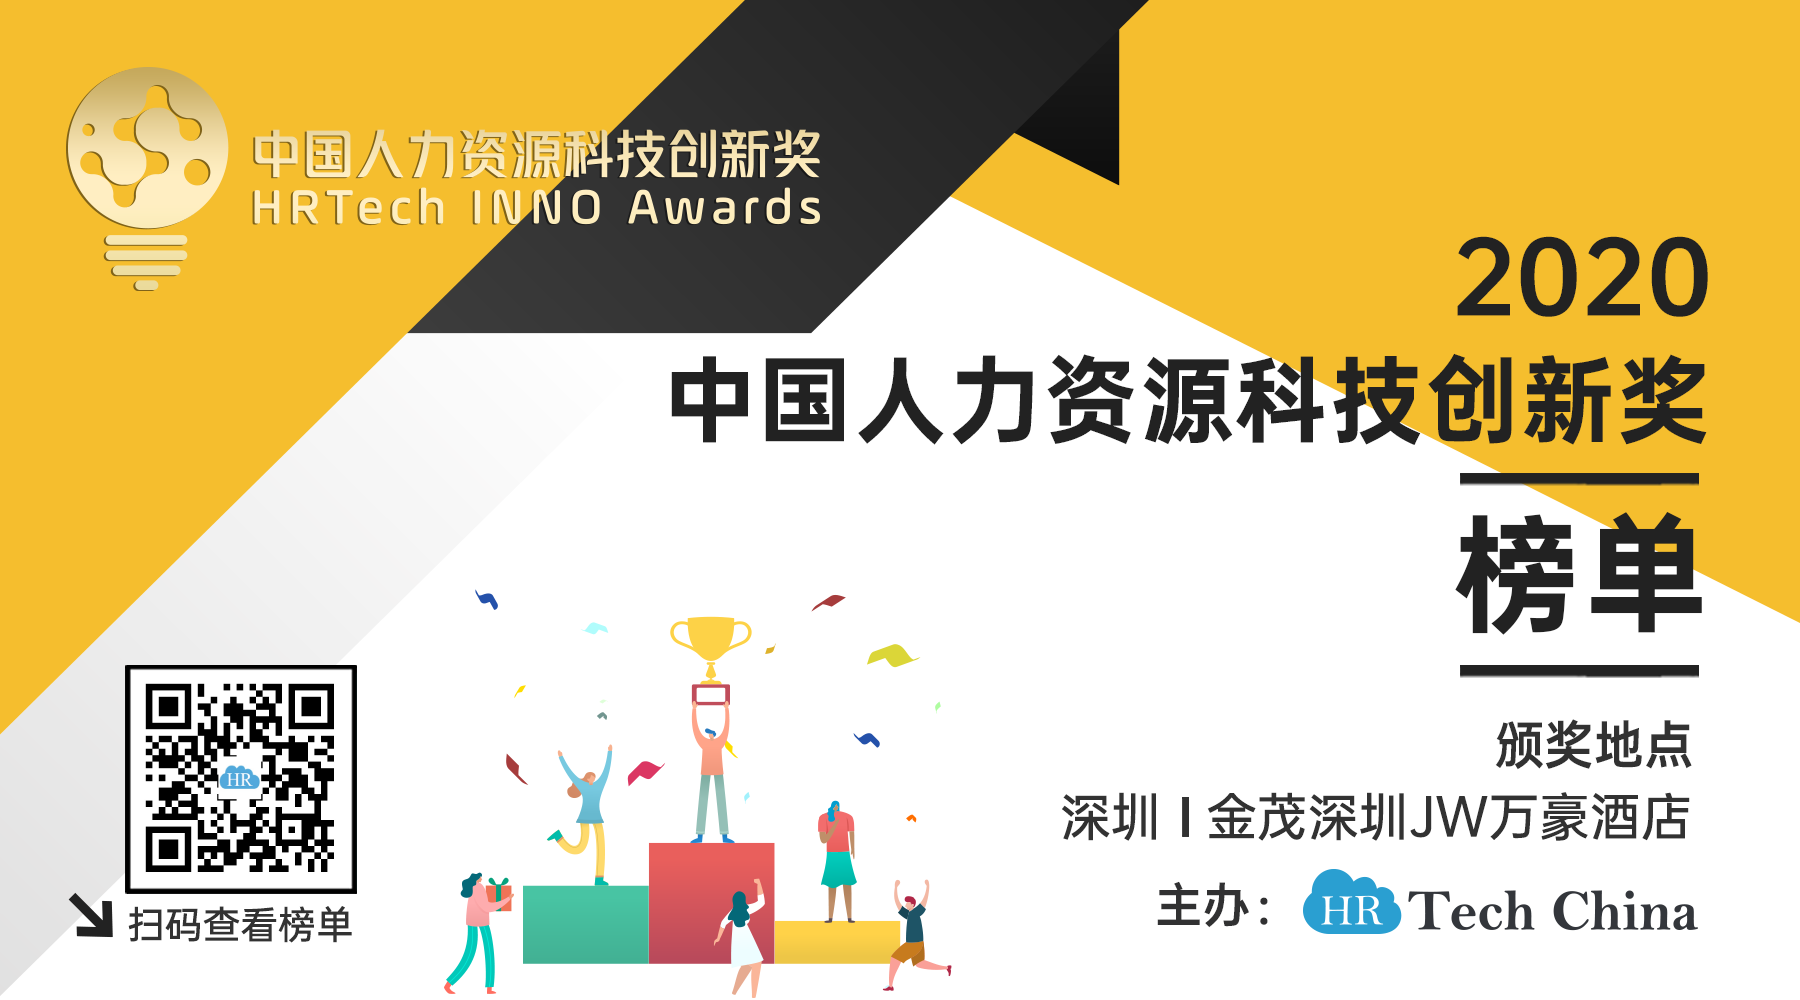 2020中国人力资源科技创新奖榜单揭晓,祝贺!